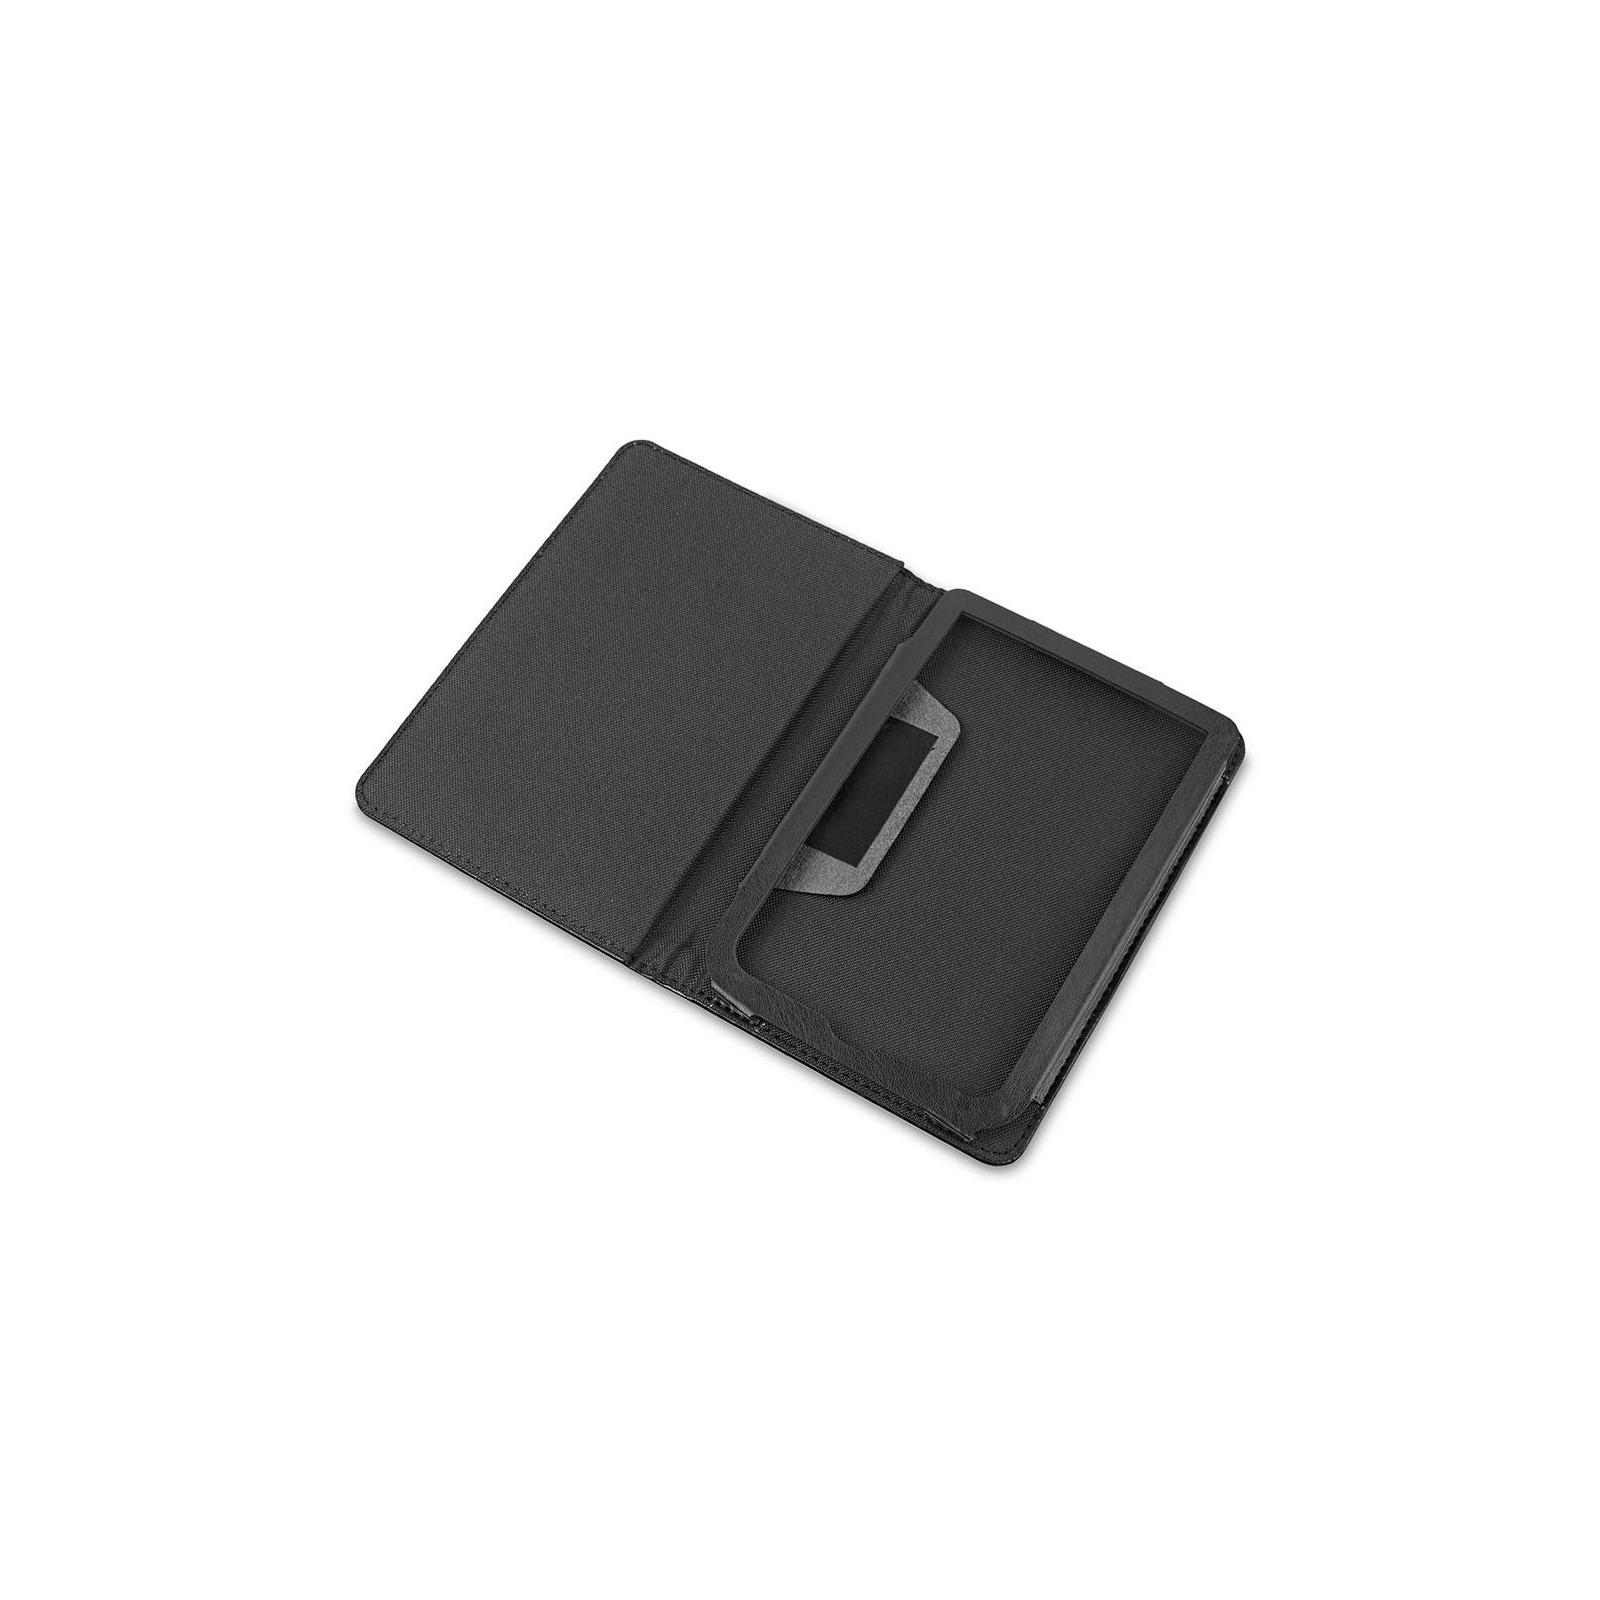 Чехол для электронной книги AirOn для PocketBook 614/624/626 (black) (6946795850137) изображение 2